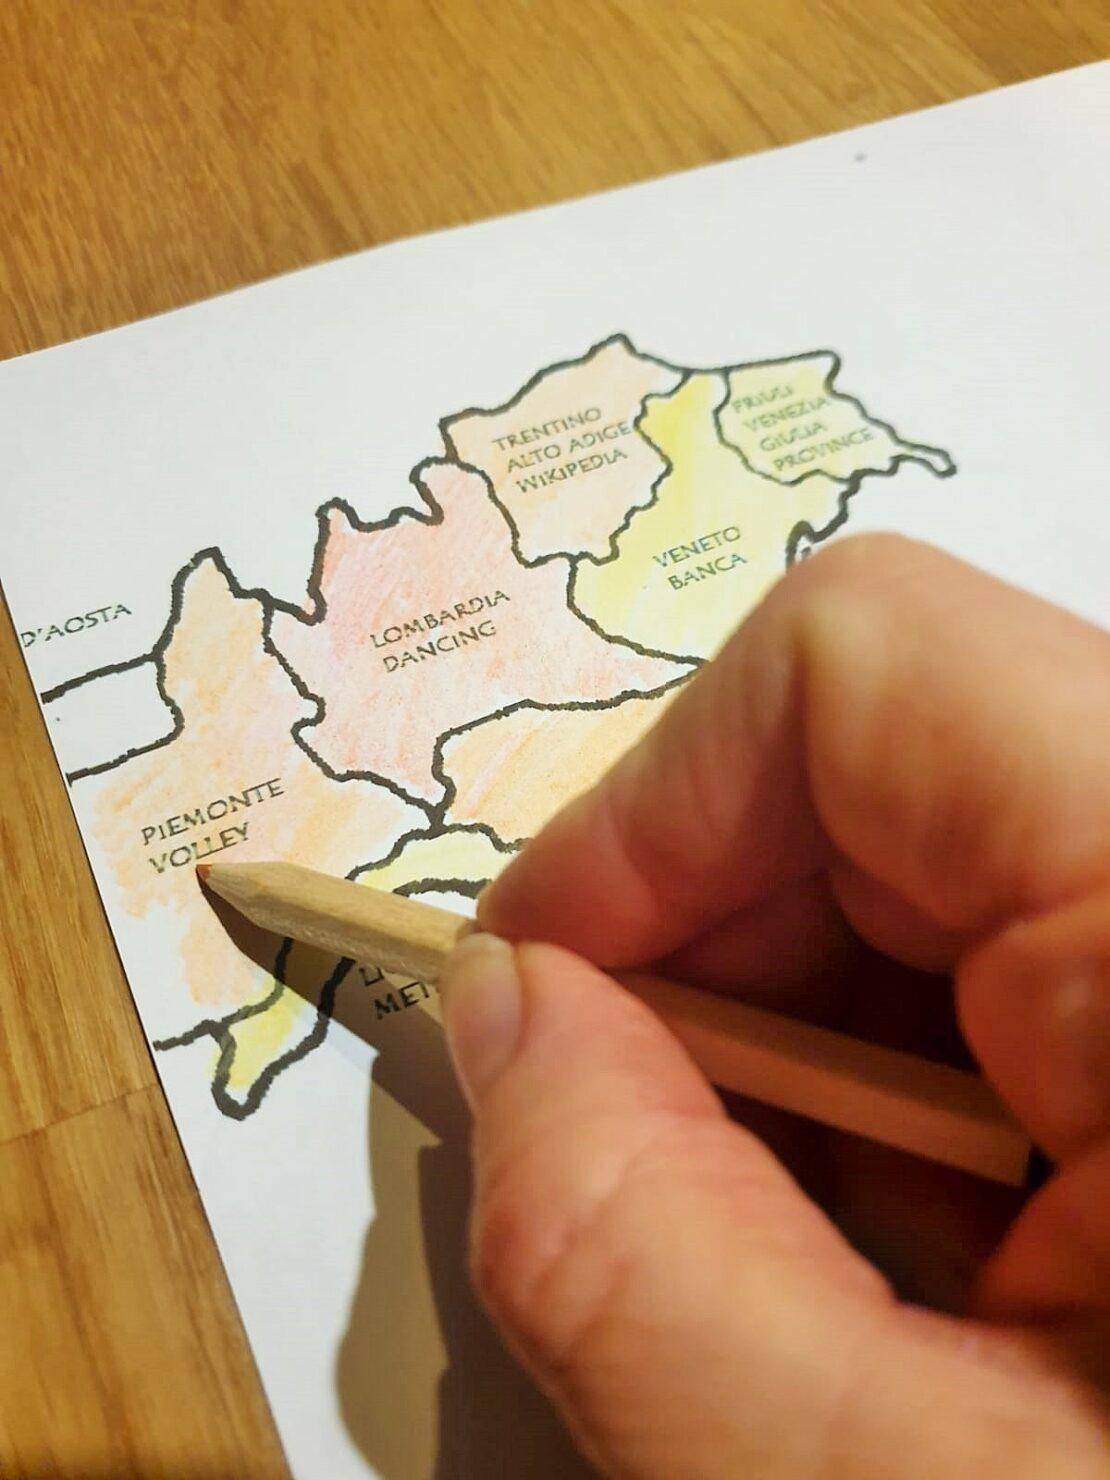 Corona Ampelsystem in Italien: Alle Regionen haben eine andere Farbe